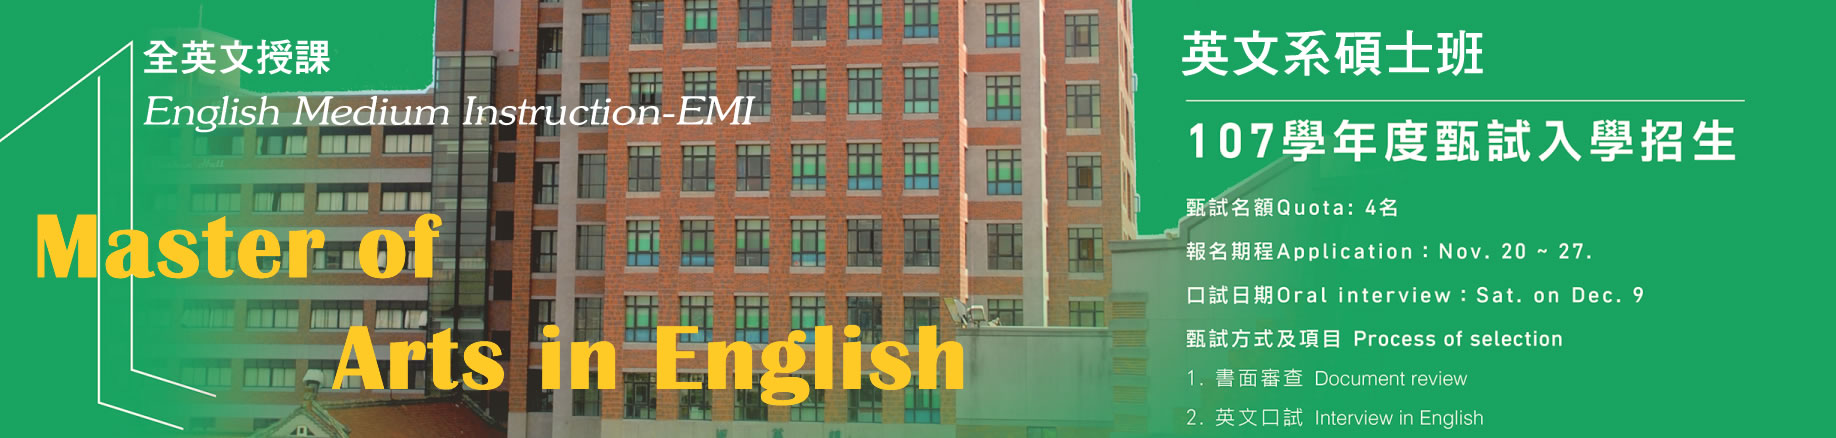 英國語文系碩士班Banner